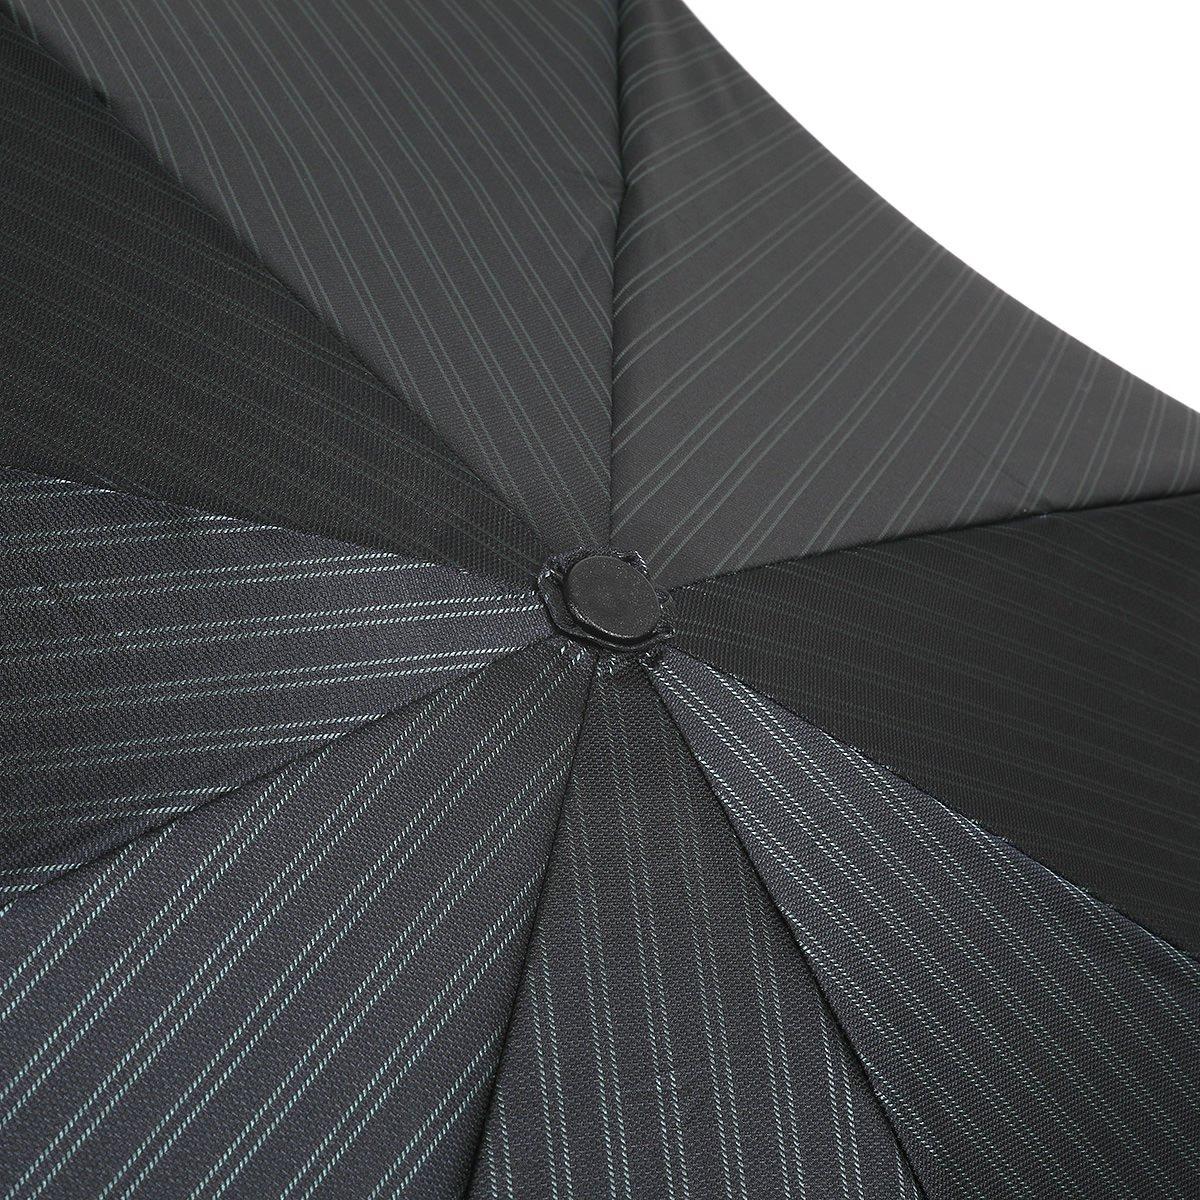 【セール】ダブルストライプ 耐風骨 折りたたみ傘 詳細画像7